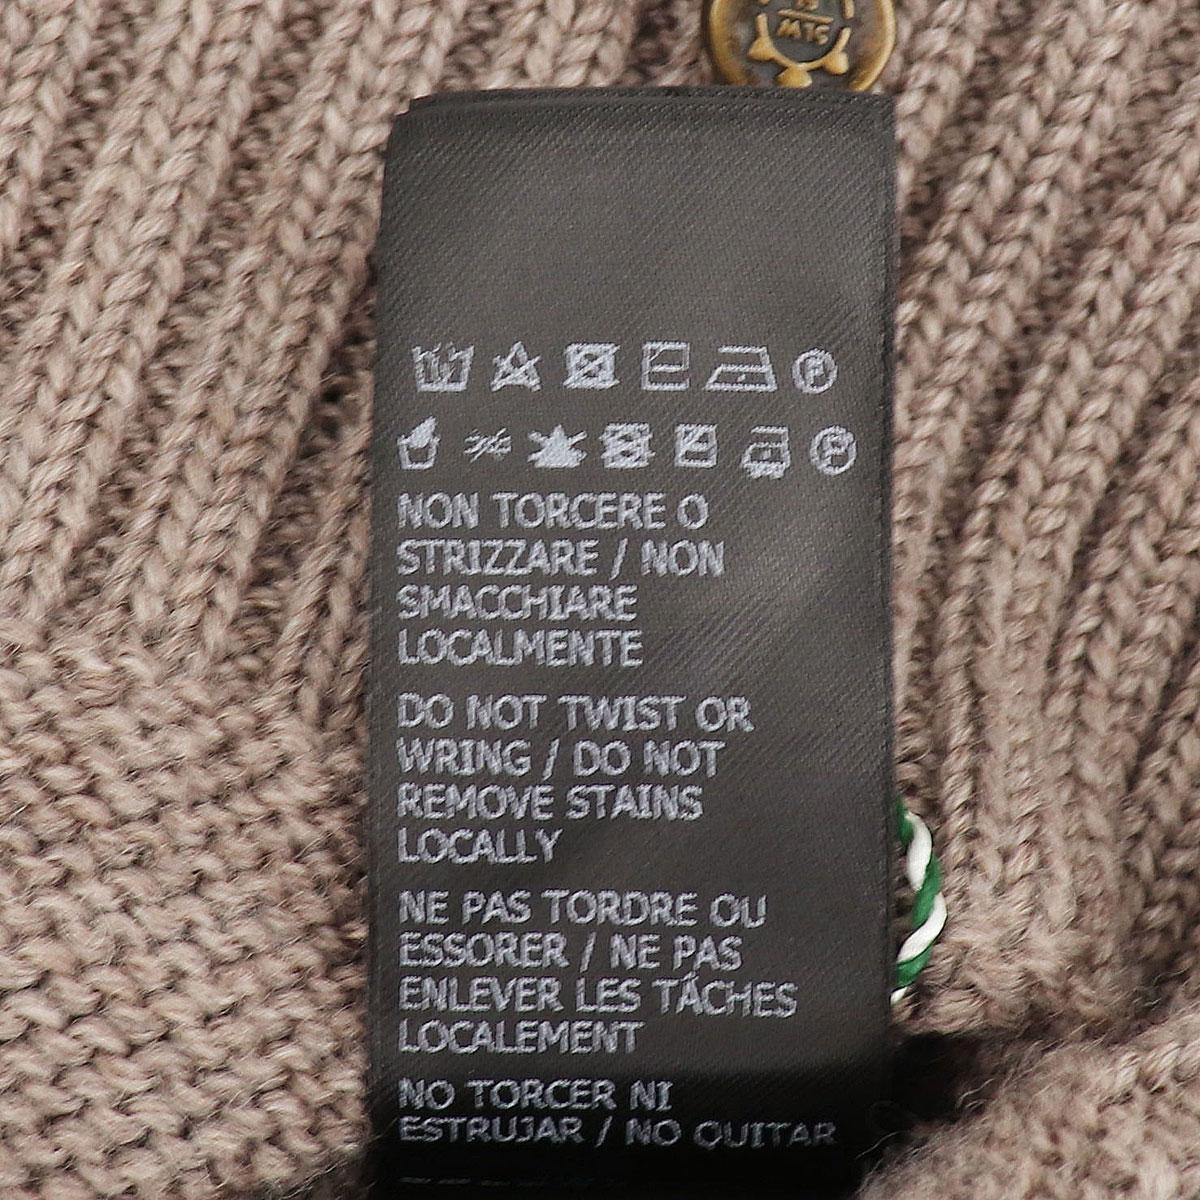 【クリアランスセール 半額以下】ザノーネ ZANONE メンズ ヴァージンウール ミドルゲージセーター ダブルブレスト ショールカラー ニットブルゾン SCIAL DP-MAN 812247 ZM201 Z1375(ベージュ)【返品交換不可】